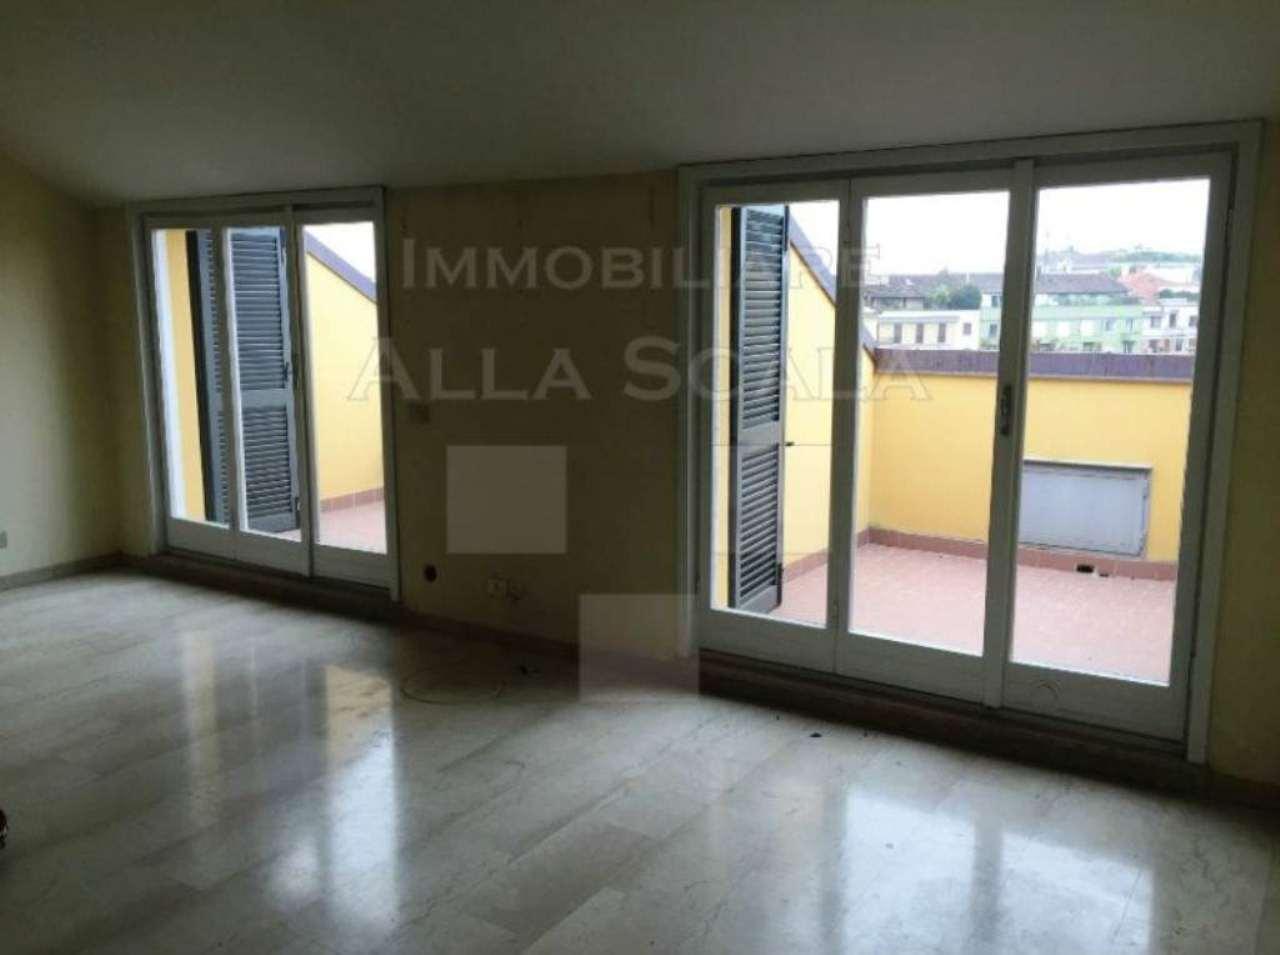 Appartamento in Vendita a Milano: 2 locali, 80 mq - Foto 1